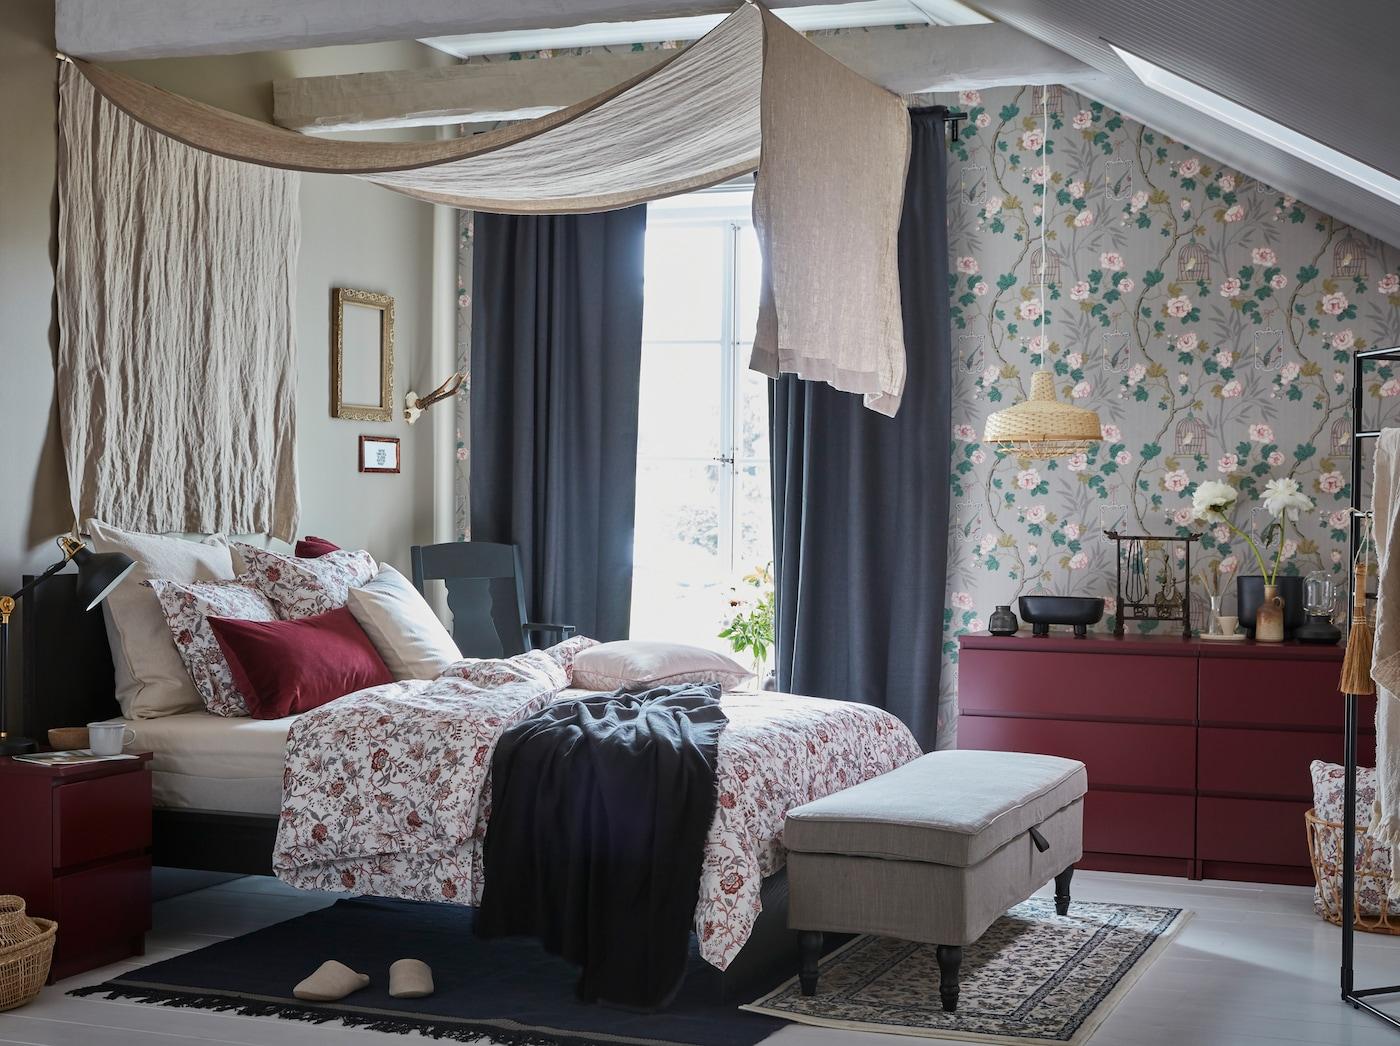 Superbe Les Commodes IKEA MALM Rouge Foncé Donnent Un Petit Côté Piquant à Une  Chambre à Coucher